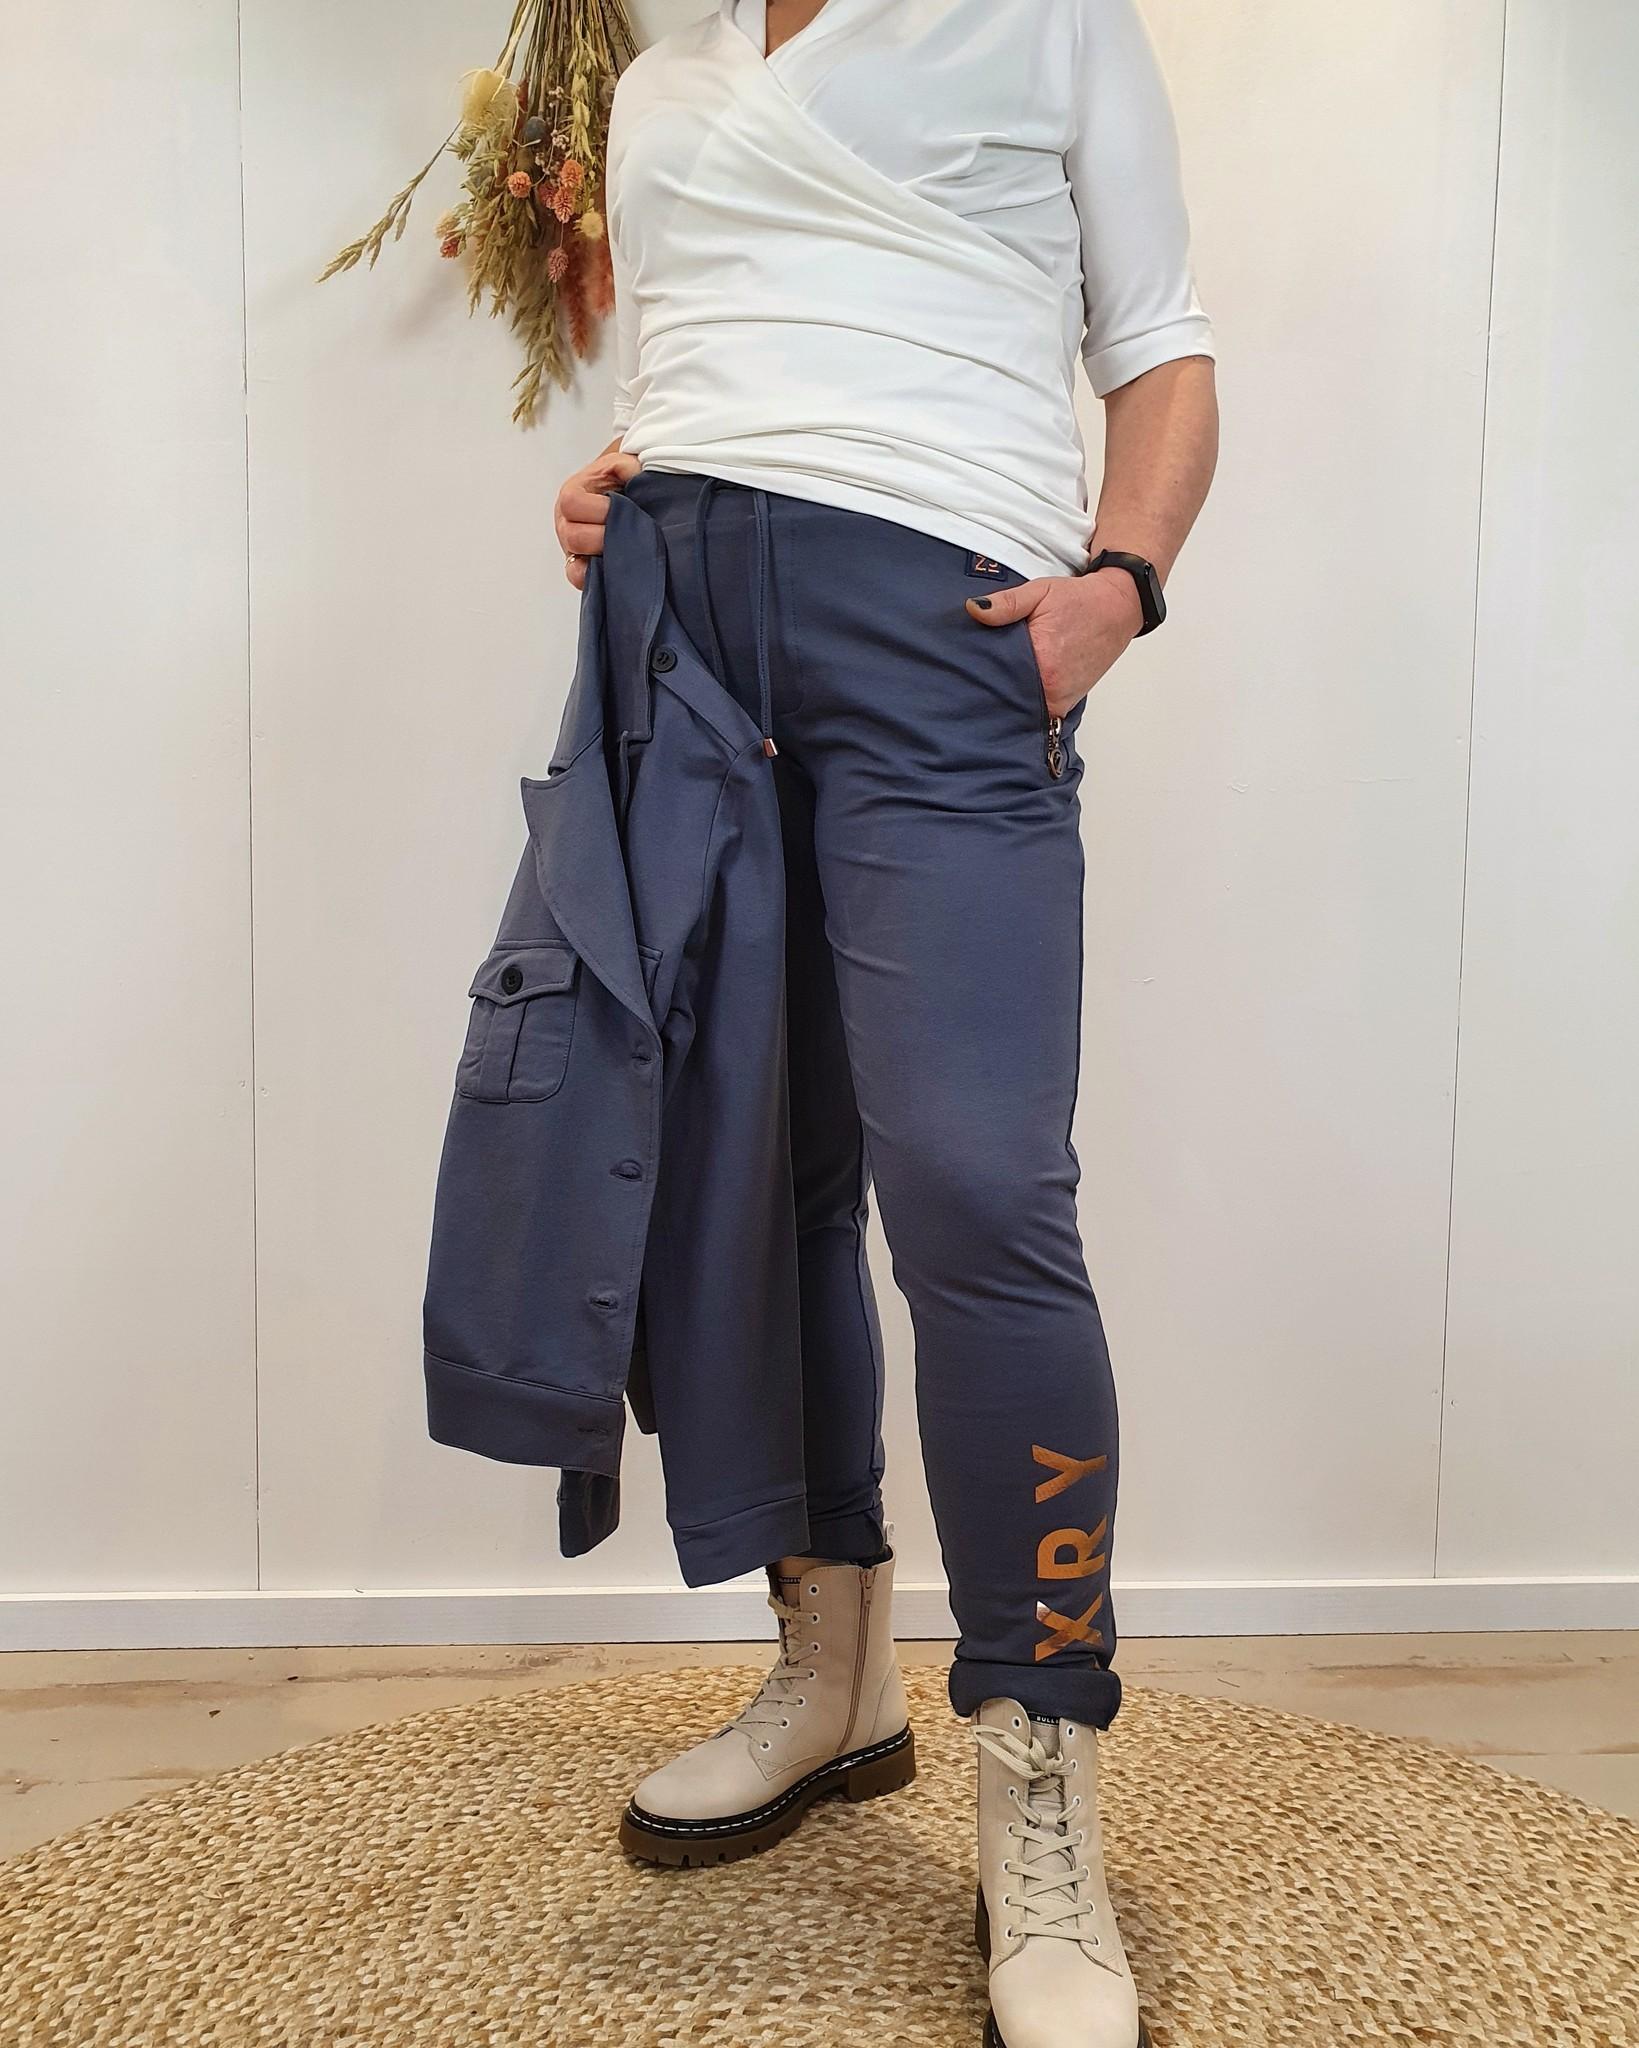 Zoso Zoso Britt Luxury sporty trouser